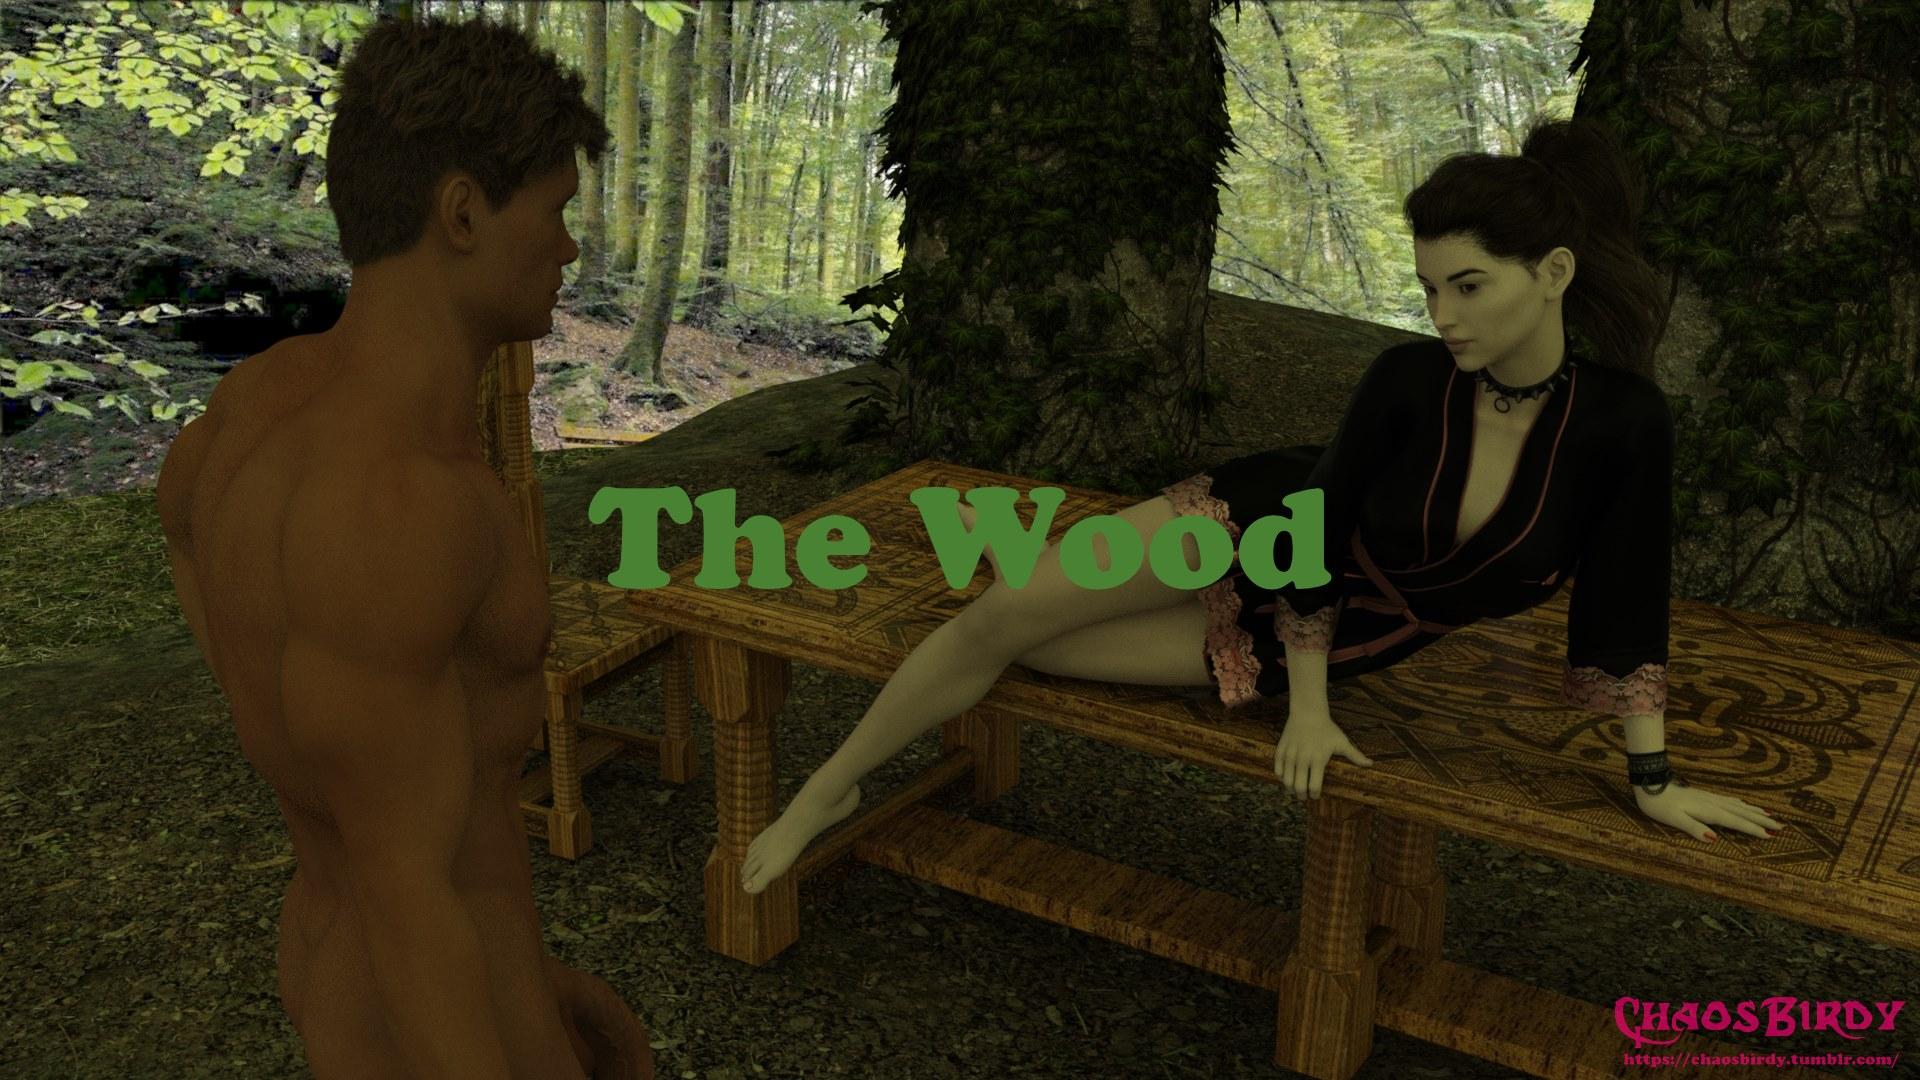 The Wood Comic